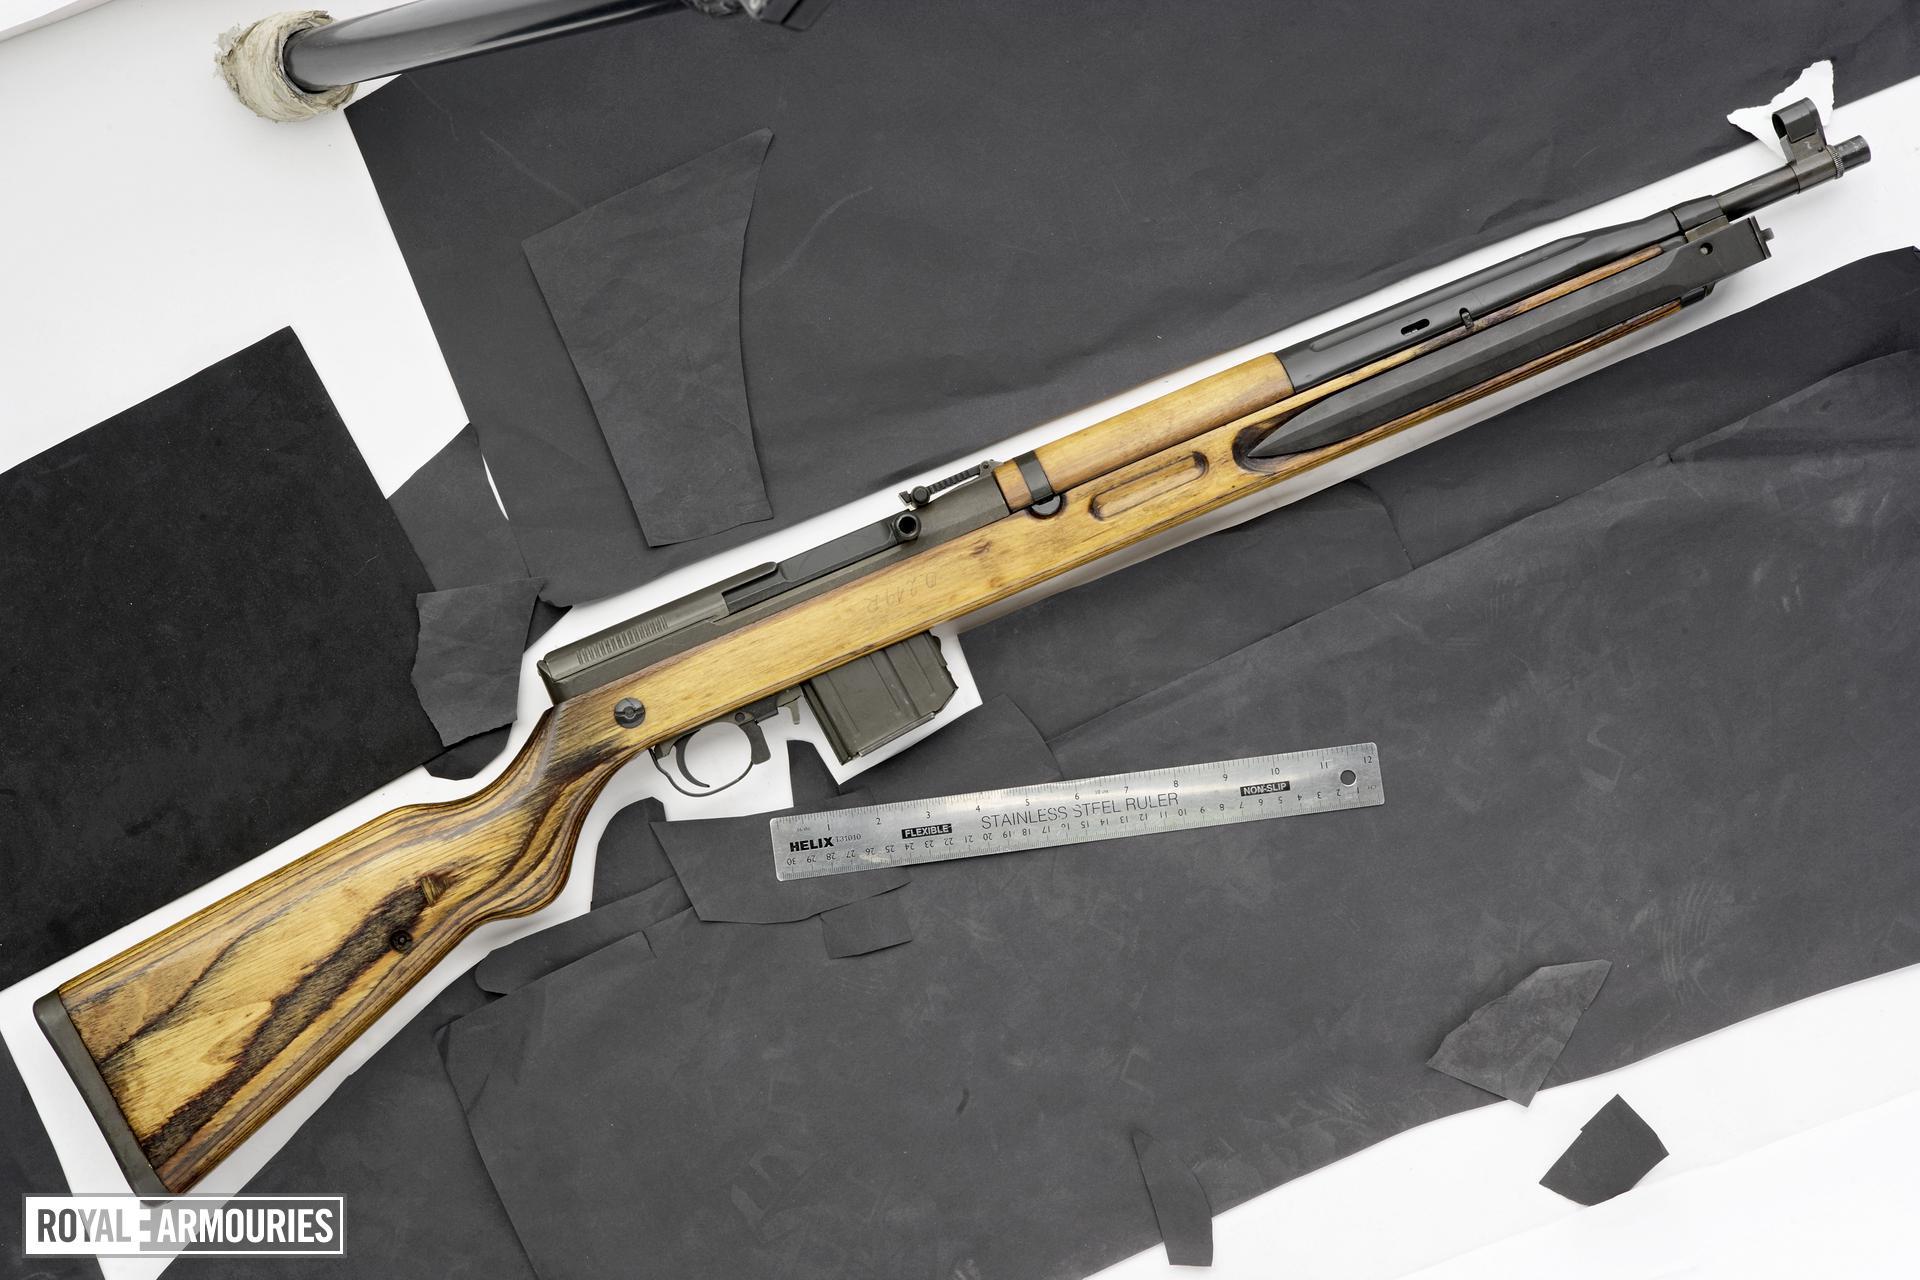 Centrefire self-loading rifle - VZ52